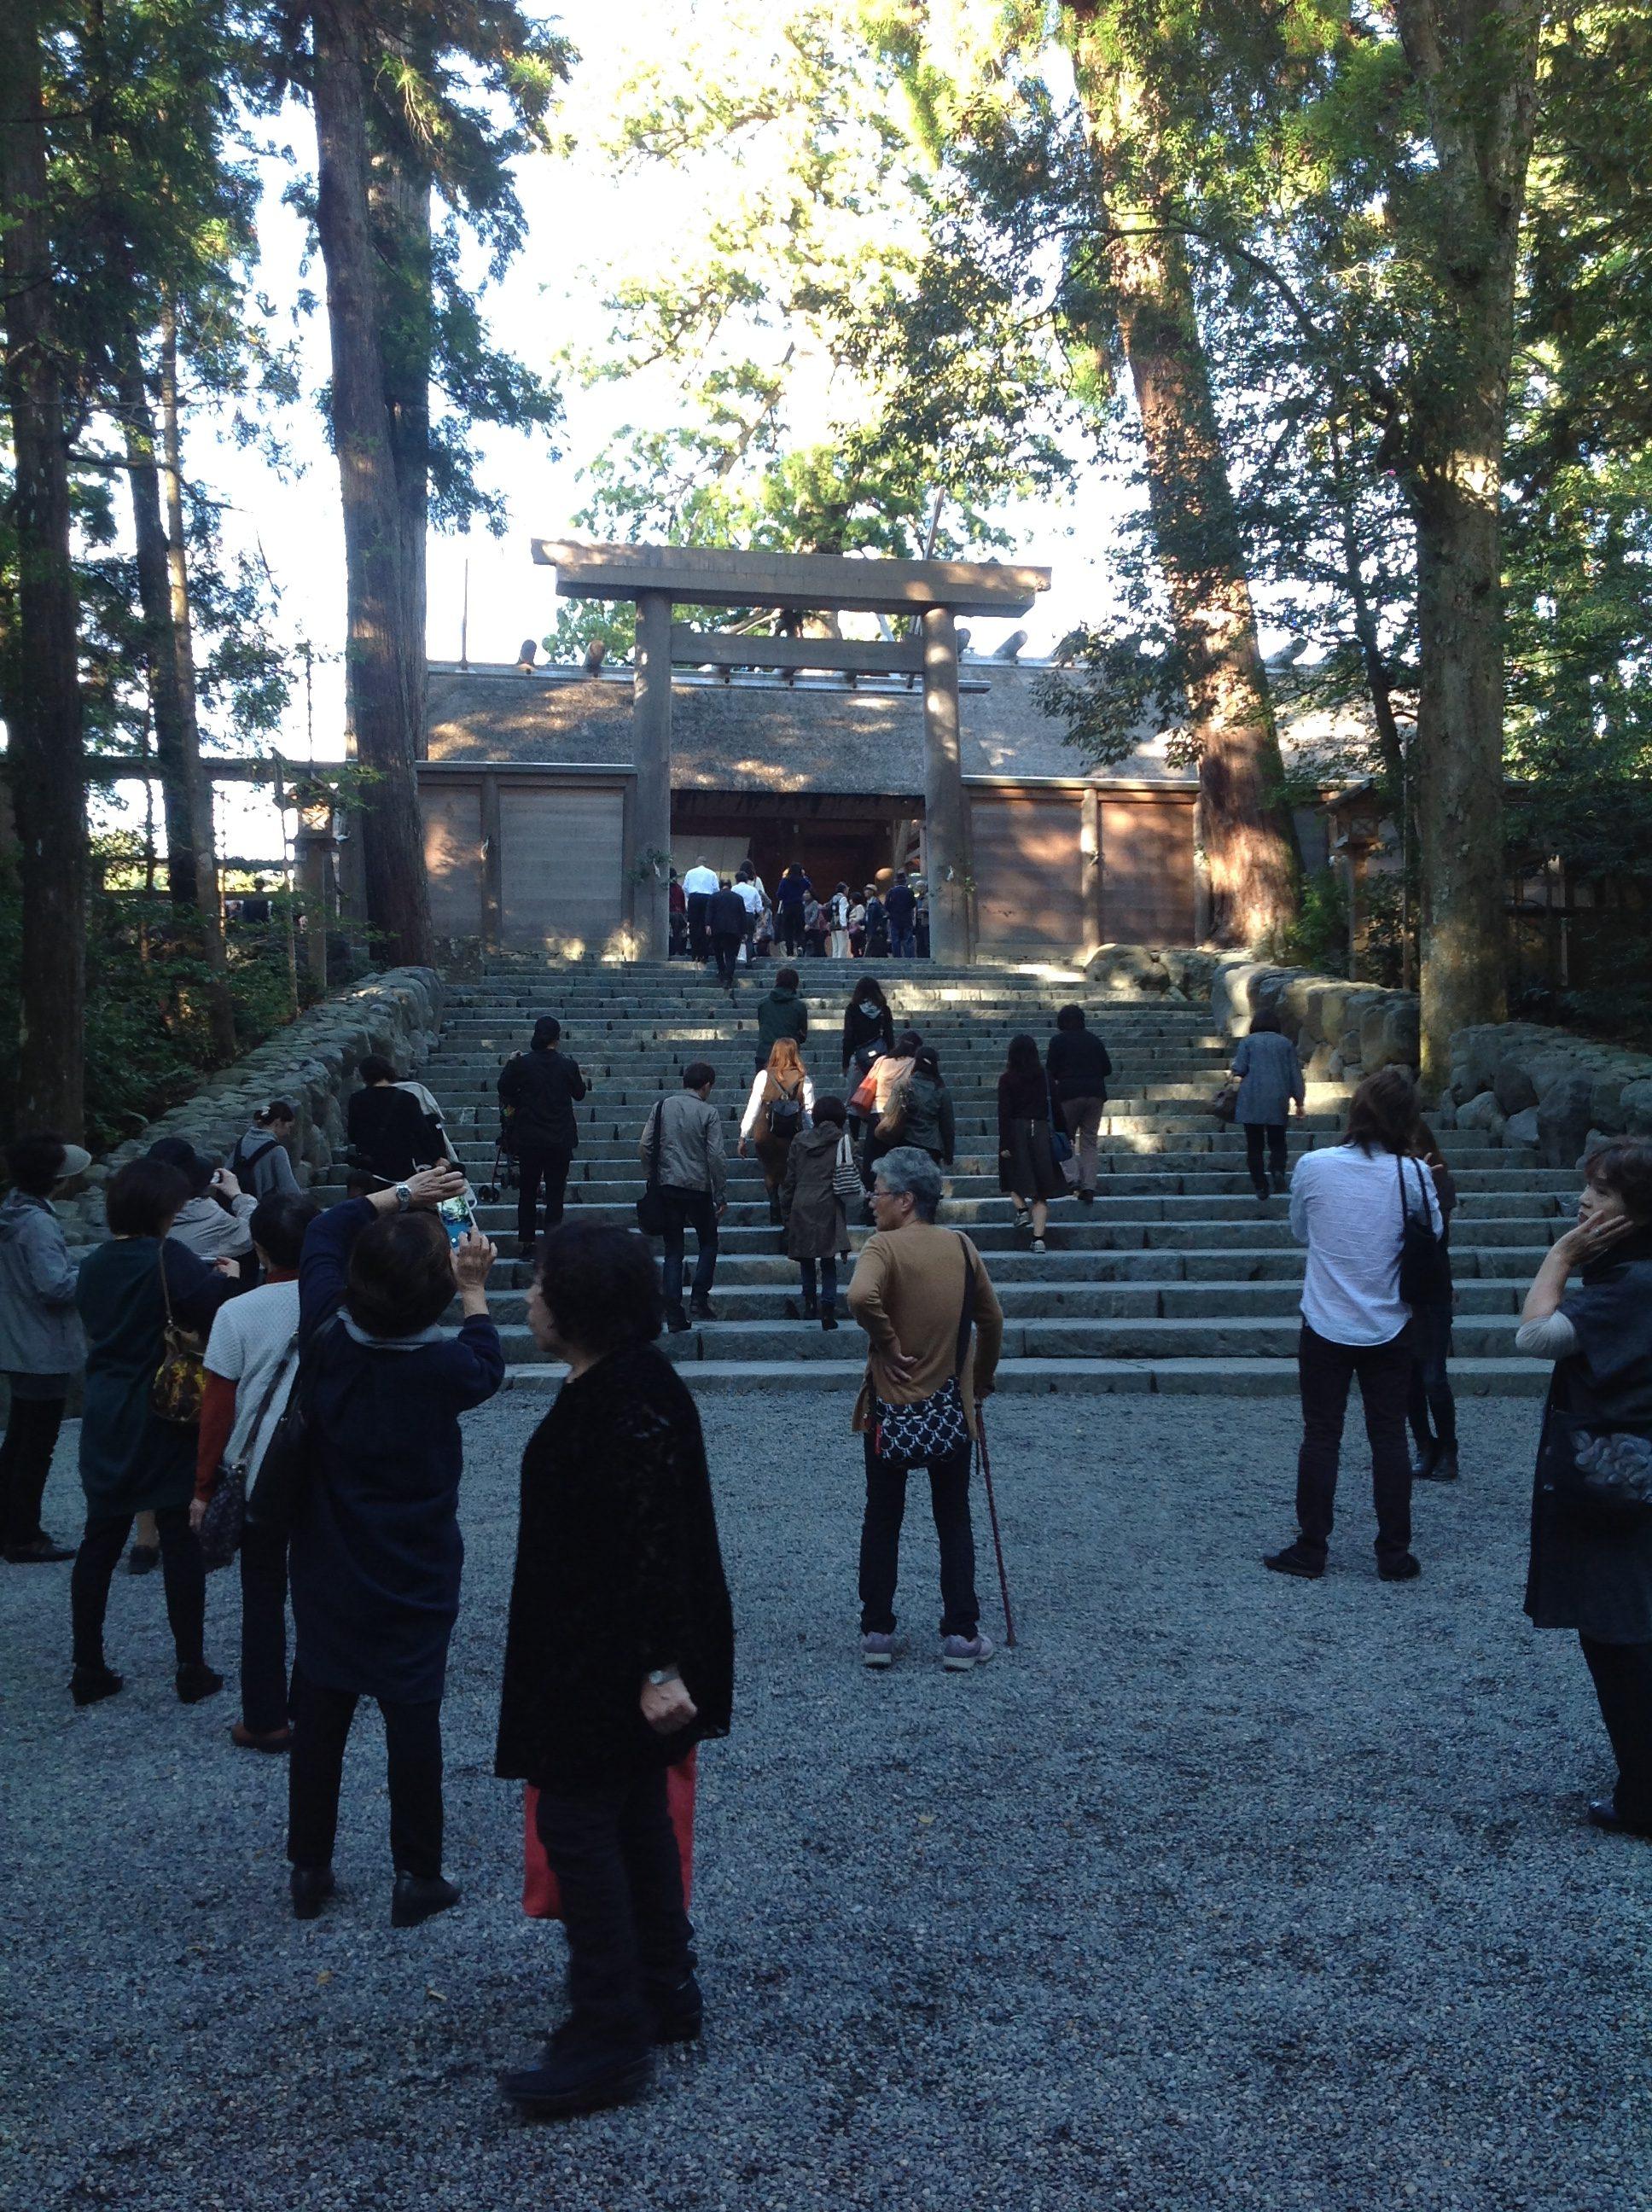 【バスツアー】伊勢神宮&おかげ横丁ツアーに行ってきました